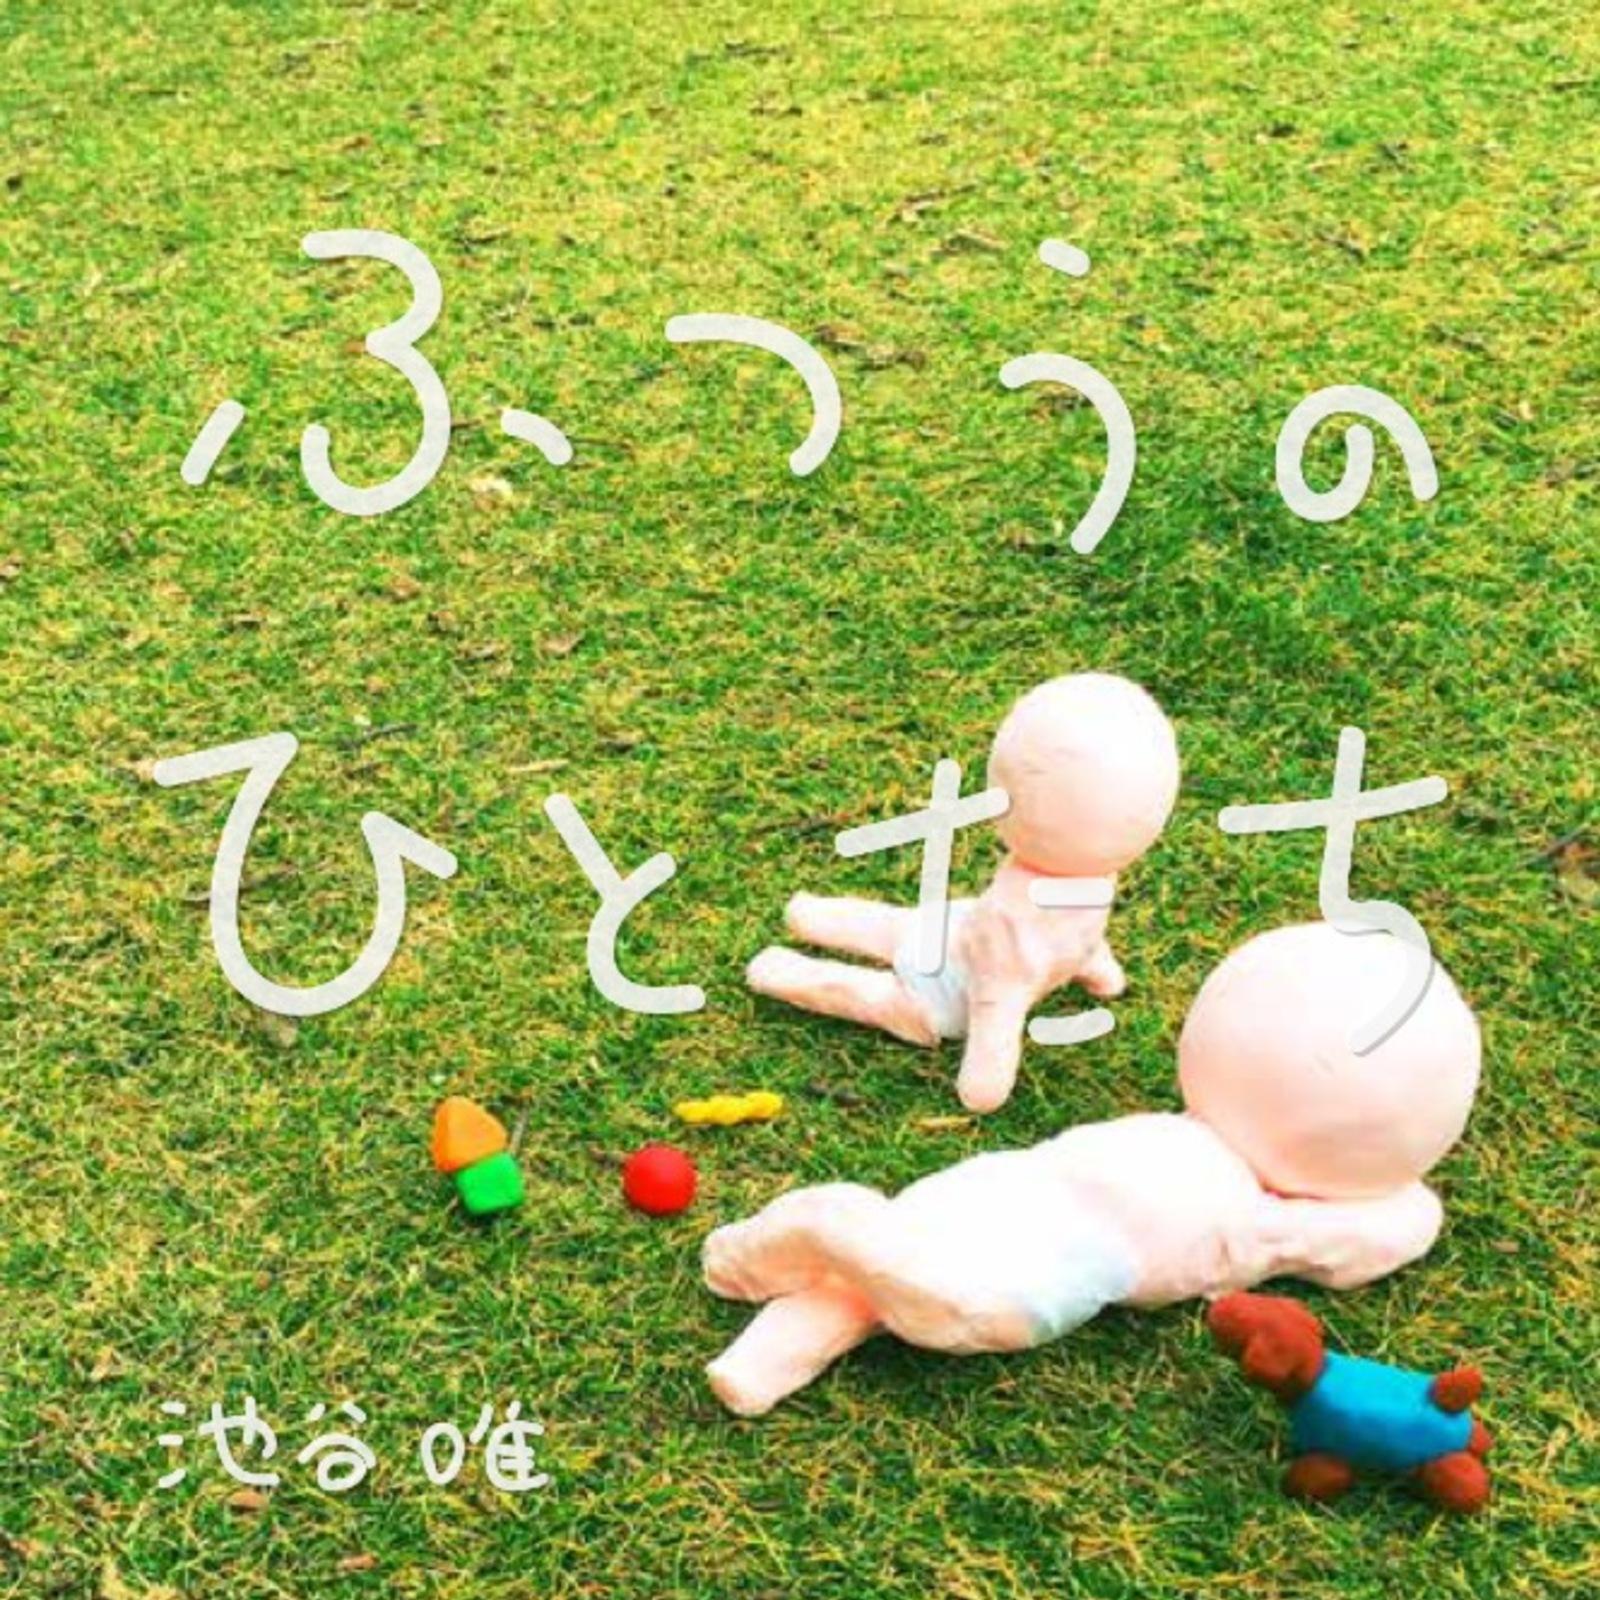 B14f8fac786d13f0e448a290fabe5356.jpg?sr.dw=286&sr